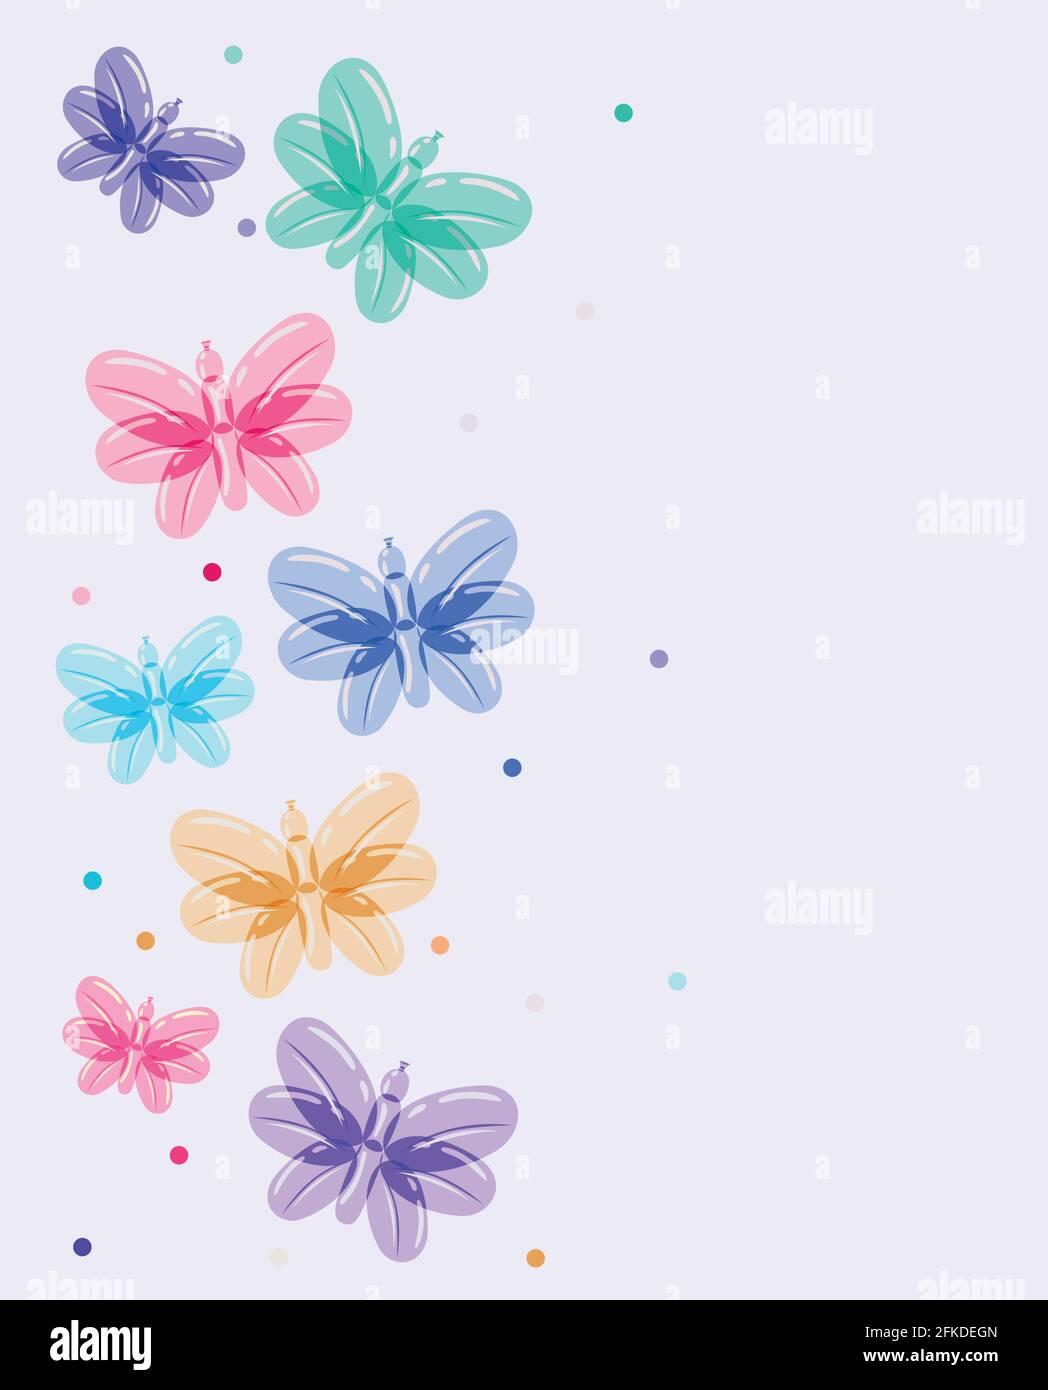 motif ballons papillons Illustration de Vecteur